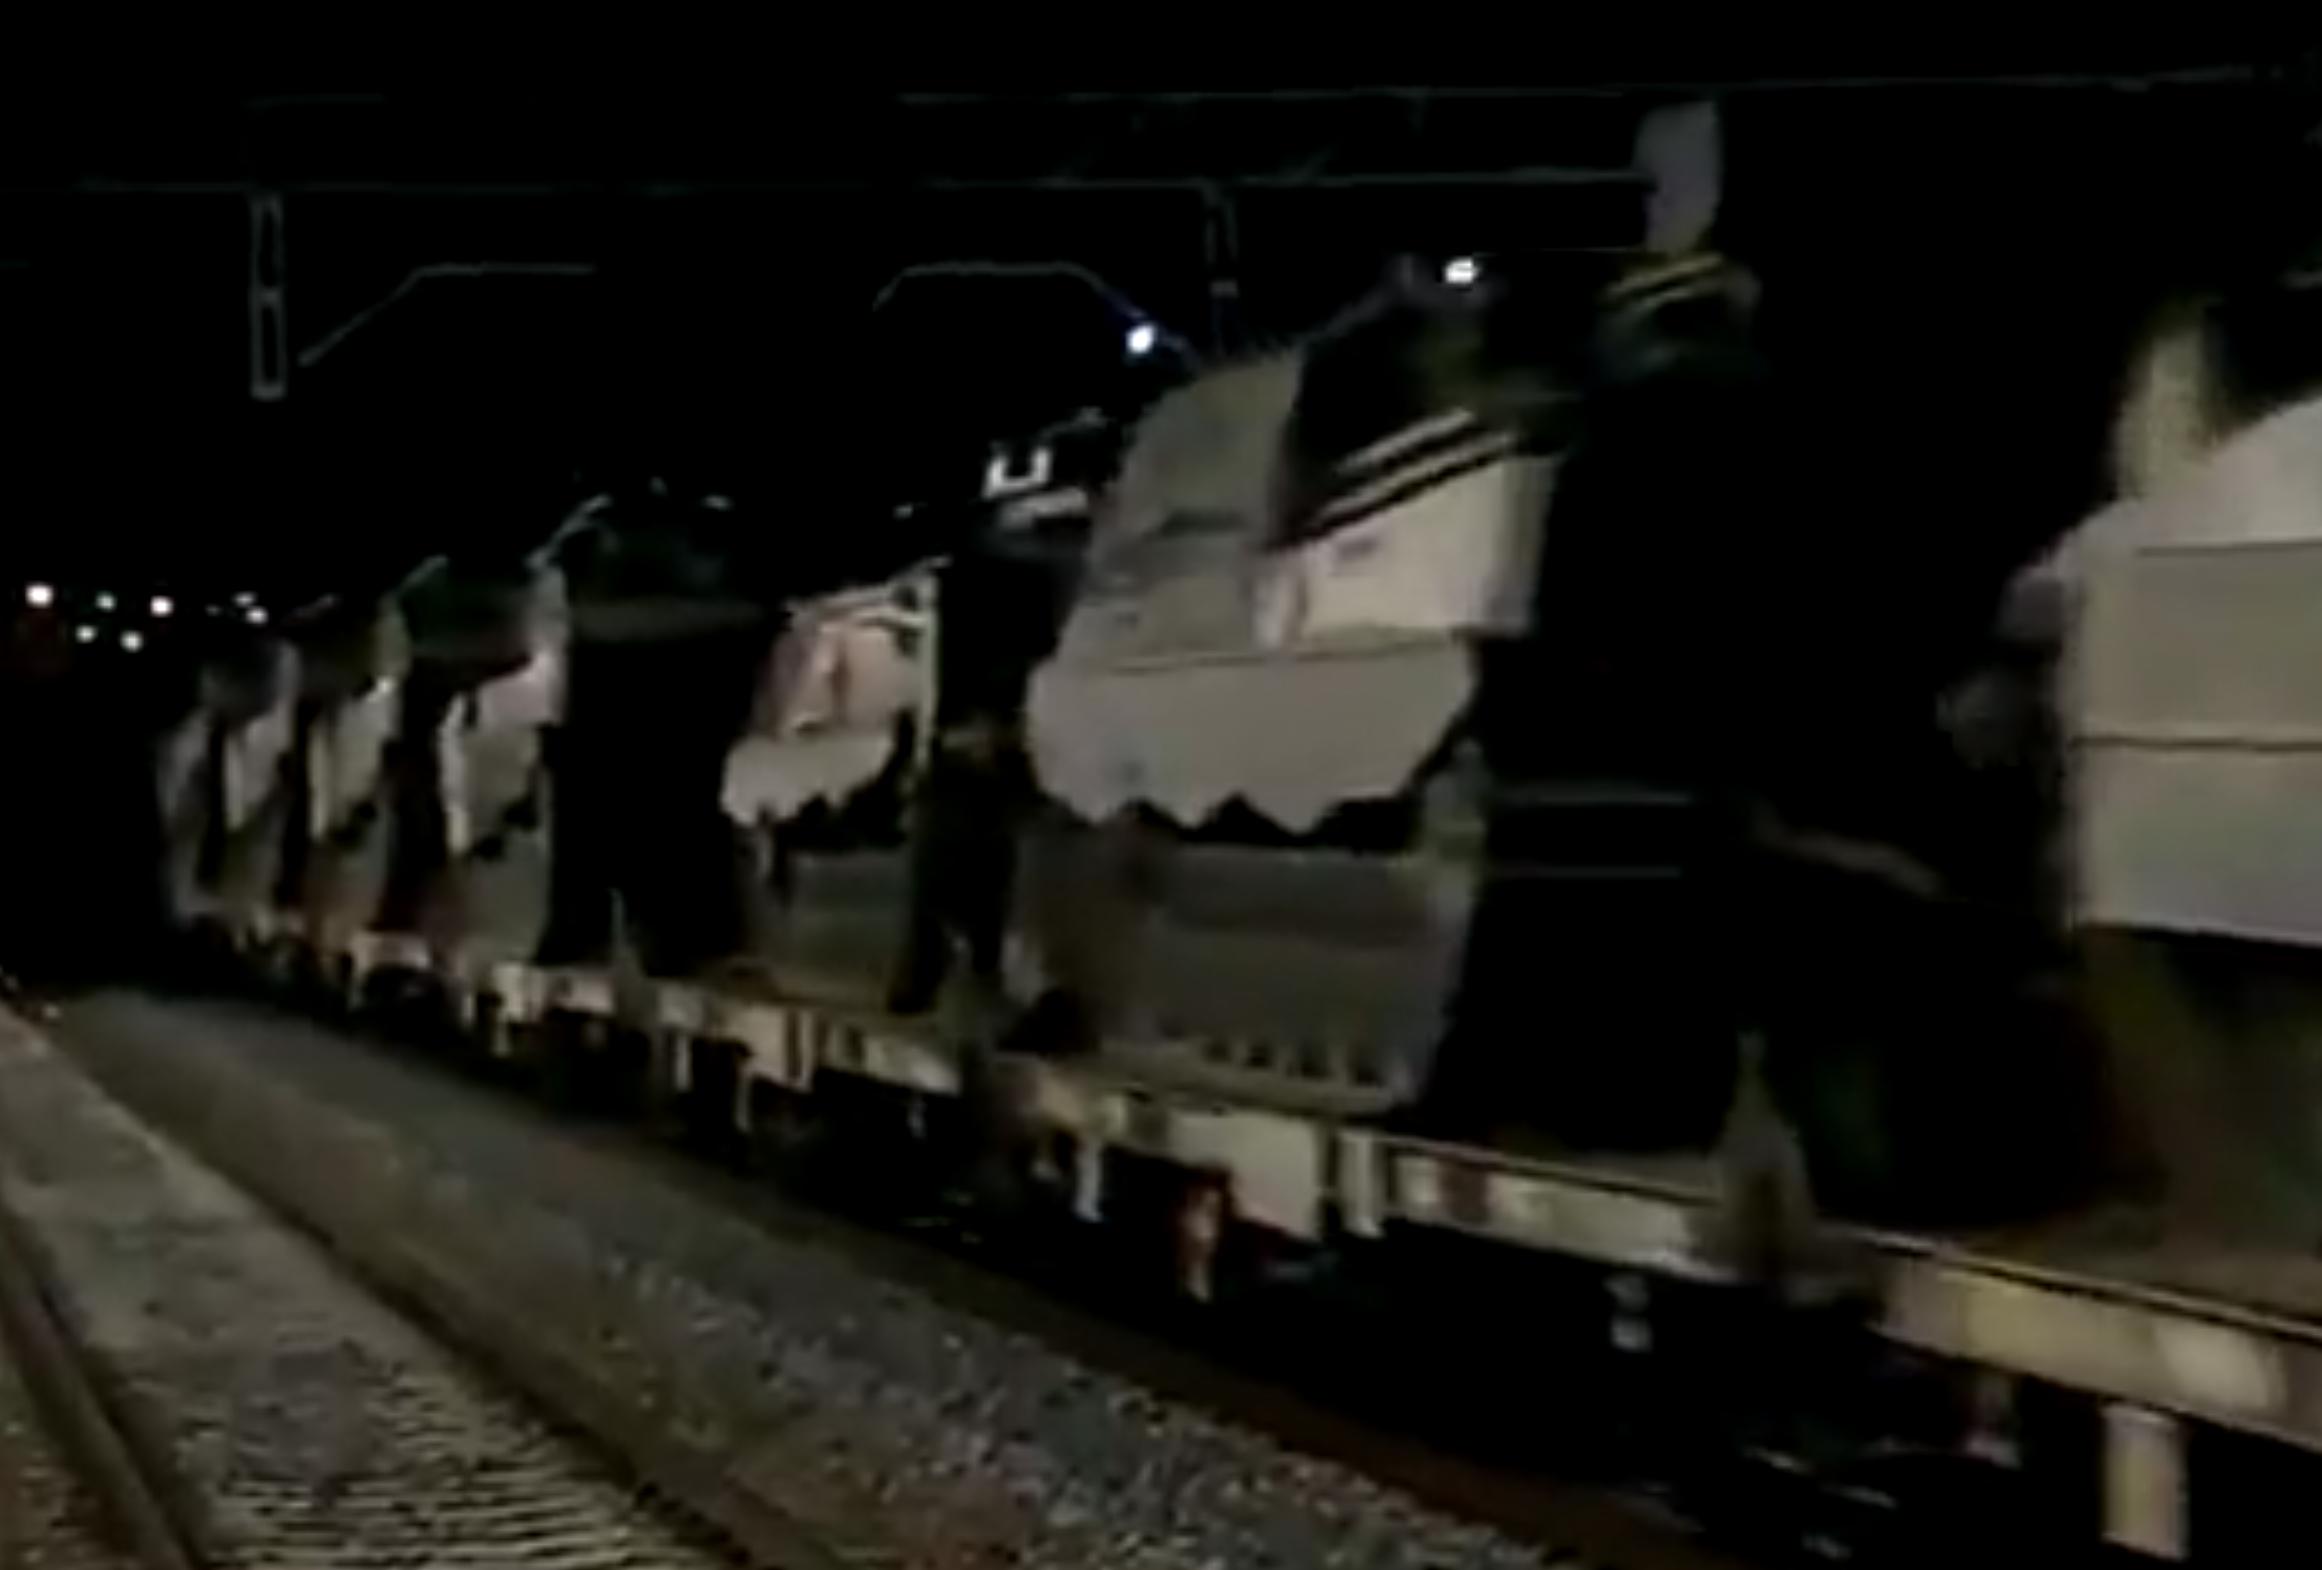 Imagen tomada del vídeo falso de los tanques que supuestamente se dirigen hacia Cataluña